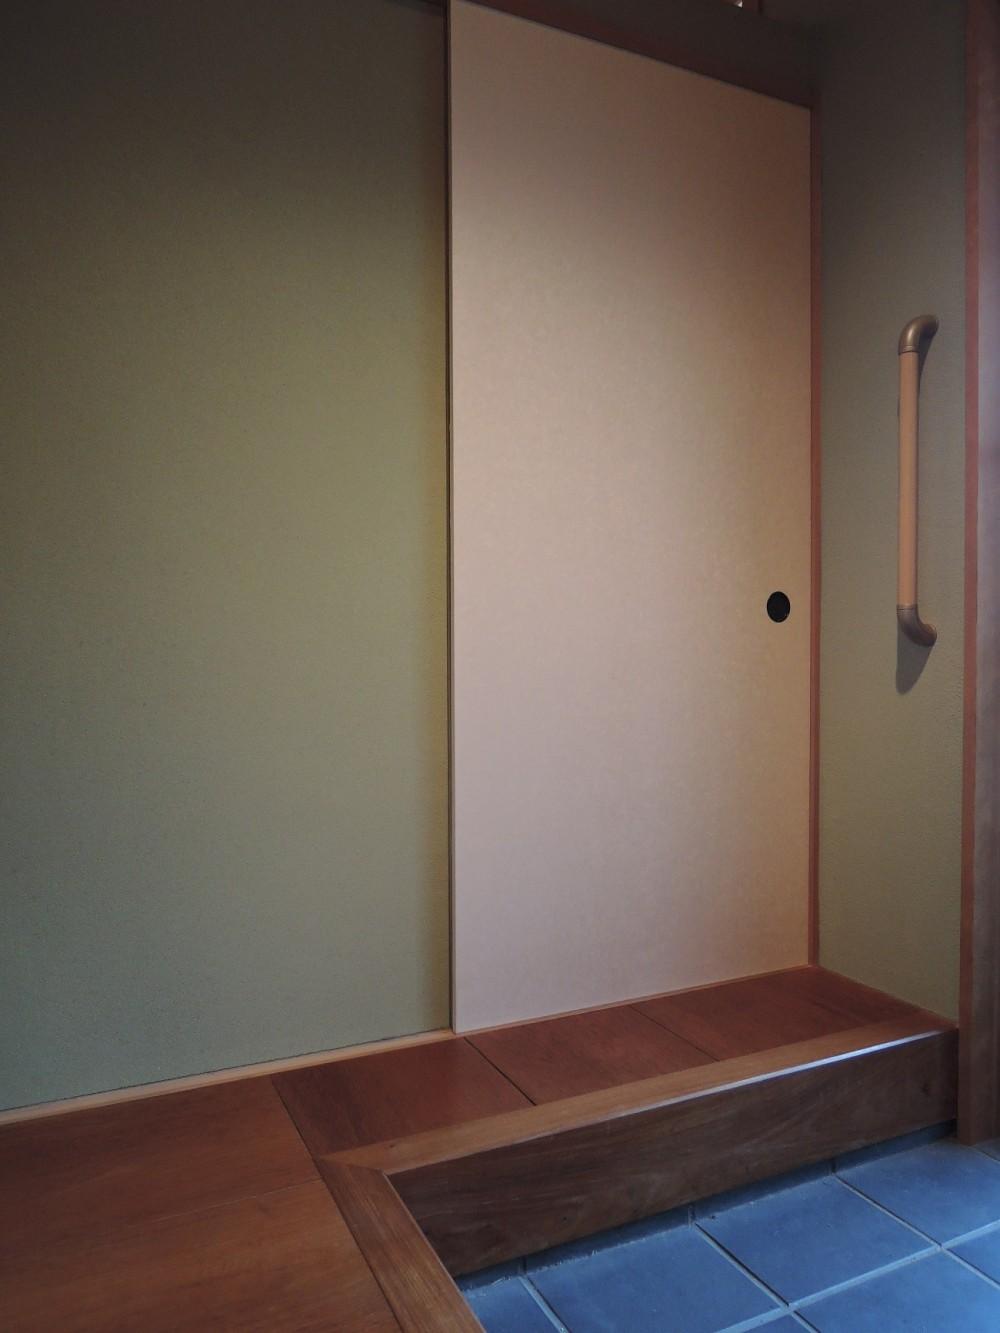 床暖房があるバリアフリー対策の平屋建て住宅|超高気密高断熱の住まい (玄関)